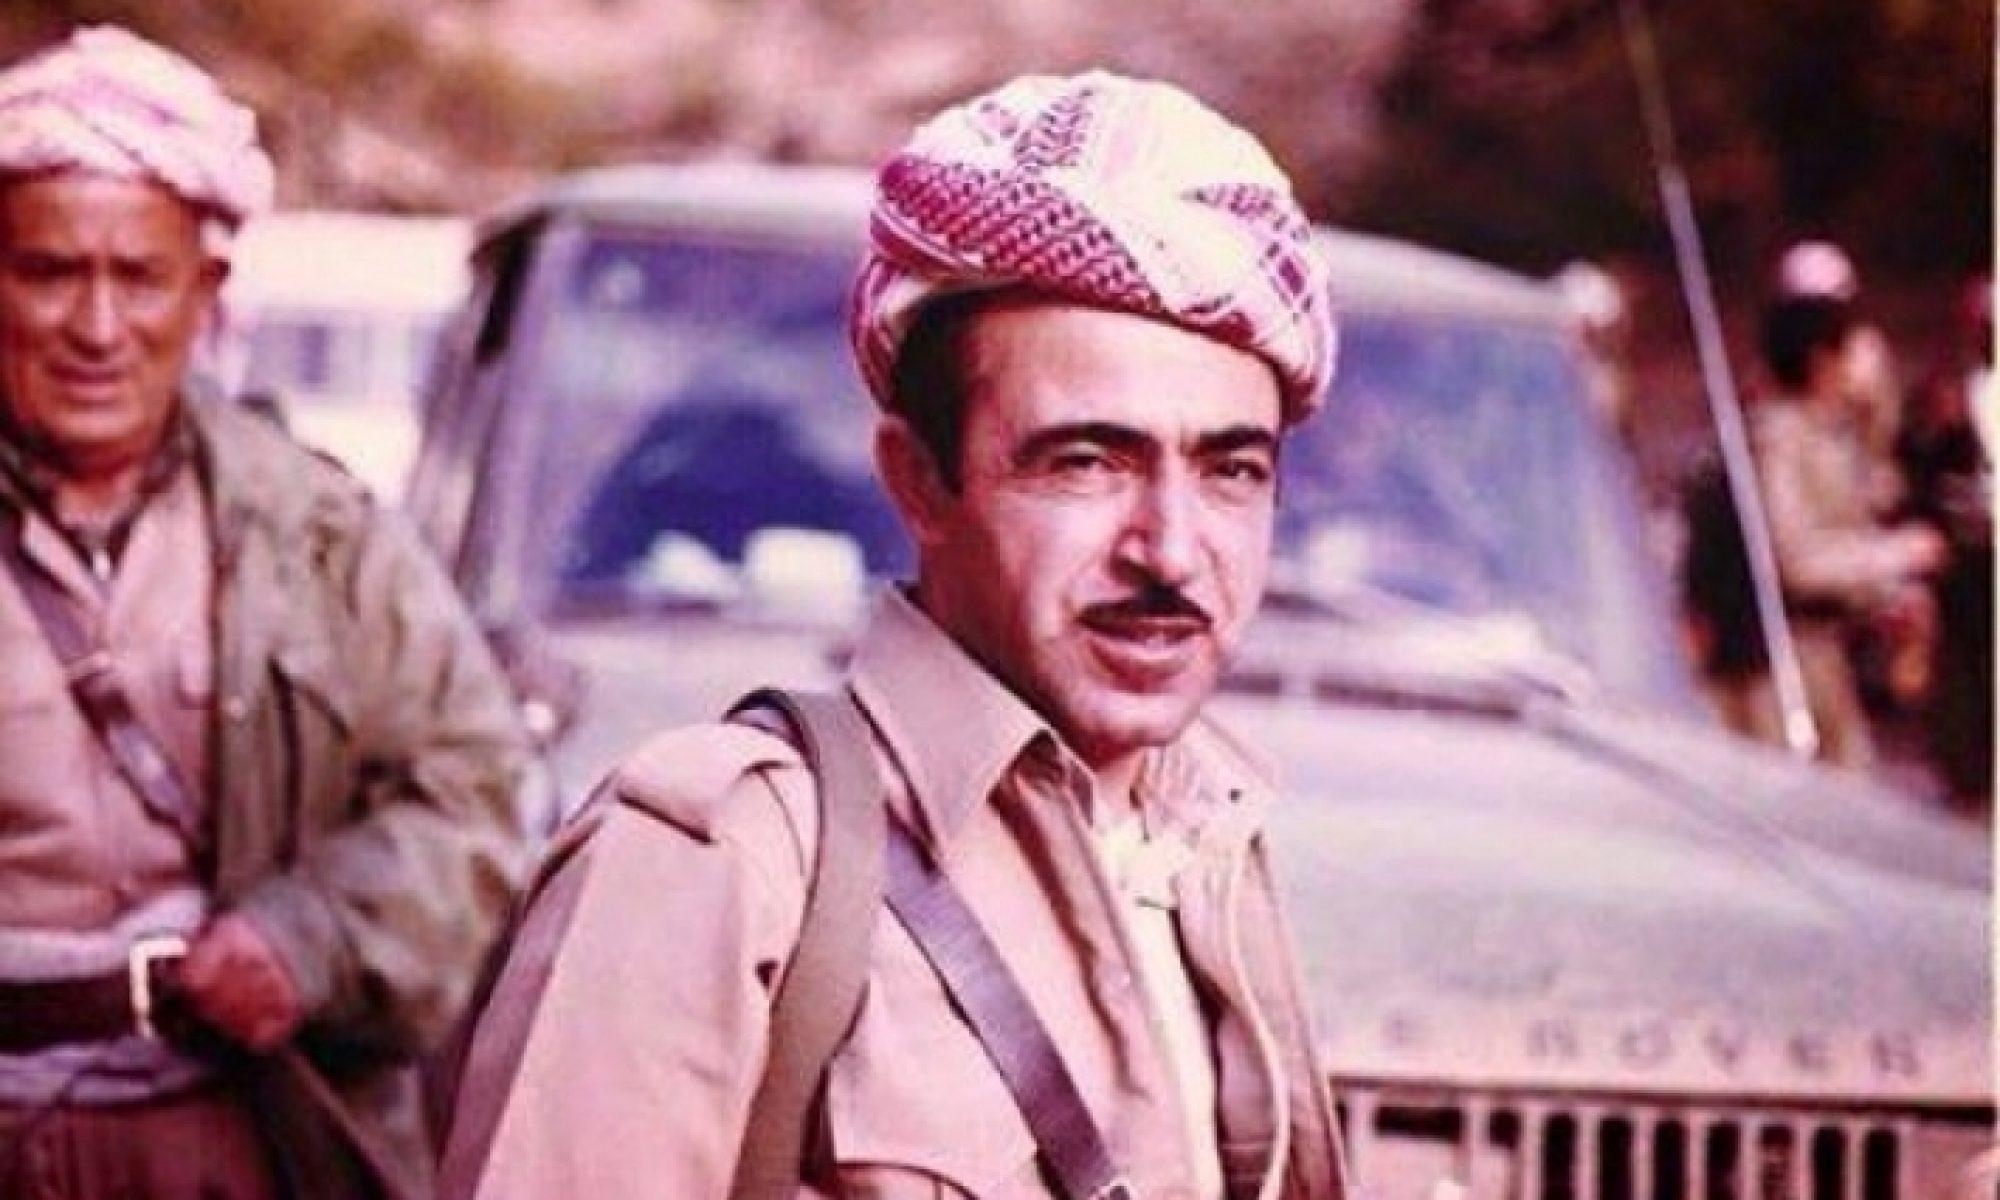 Îdrîs Barzani ölümünün 34'üncü yıldönümünde anılıyor